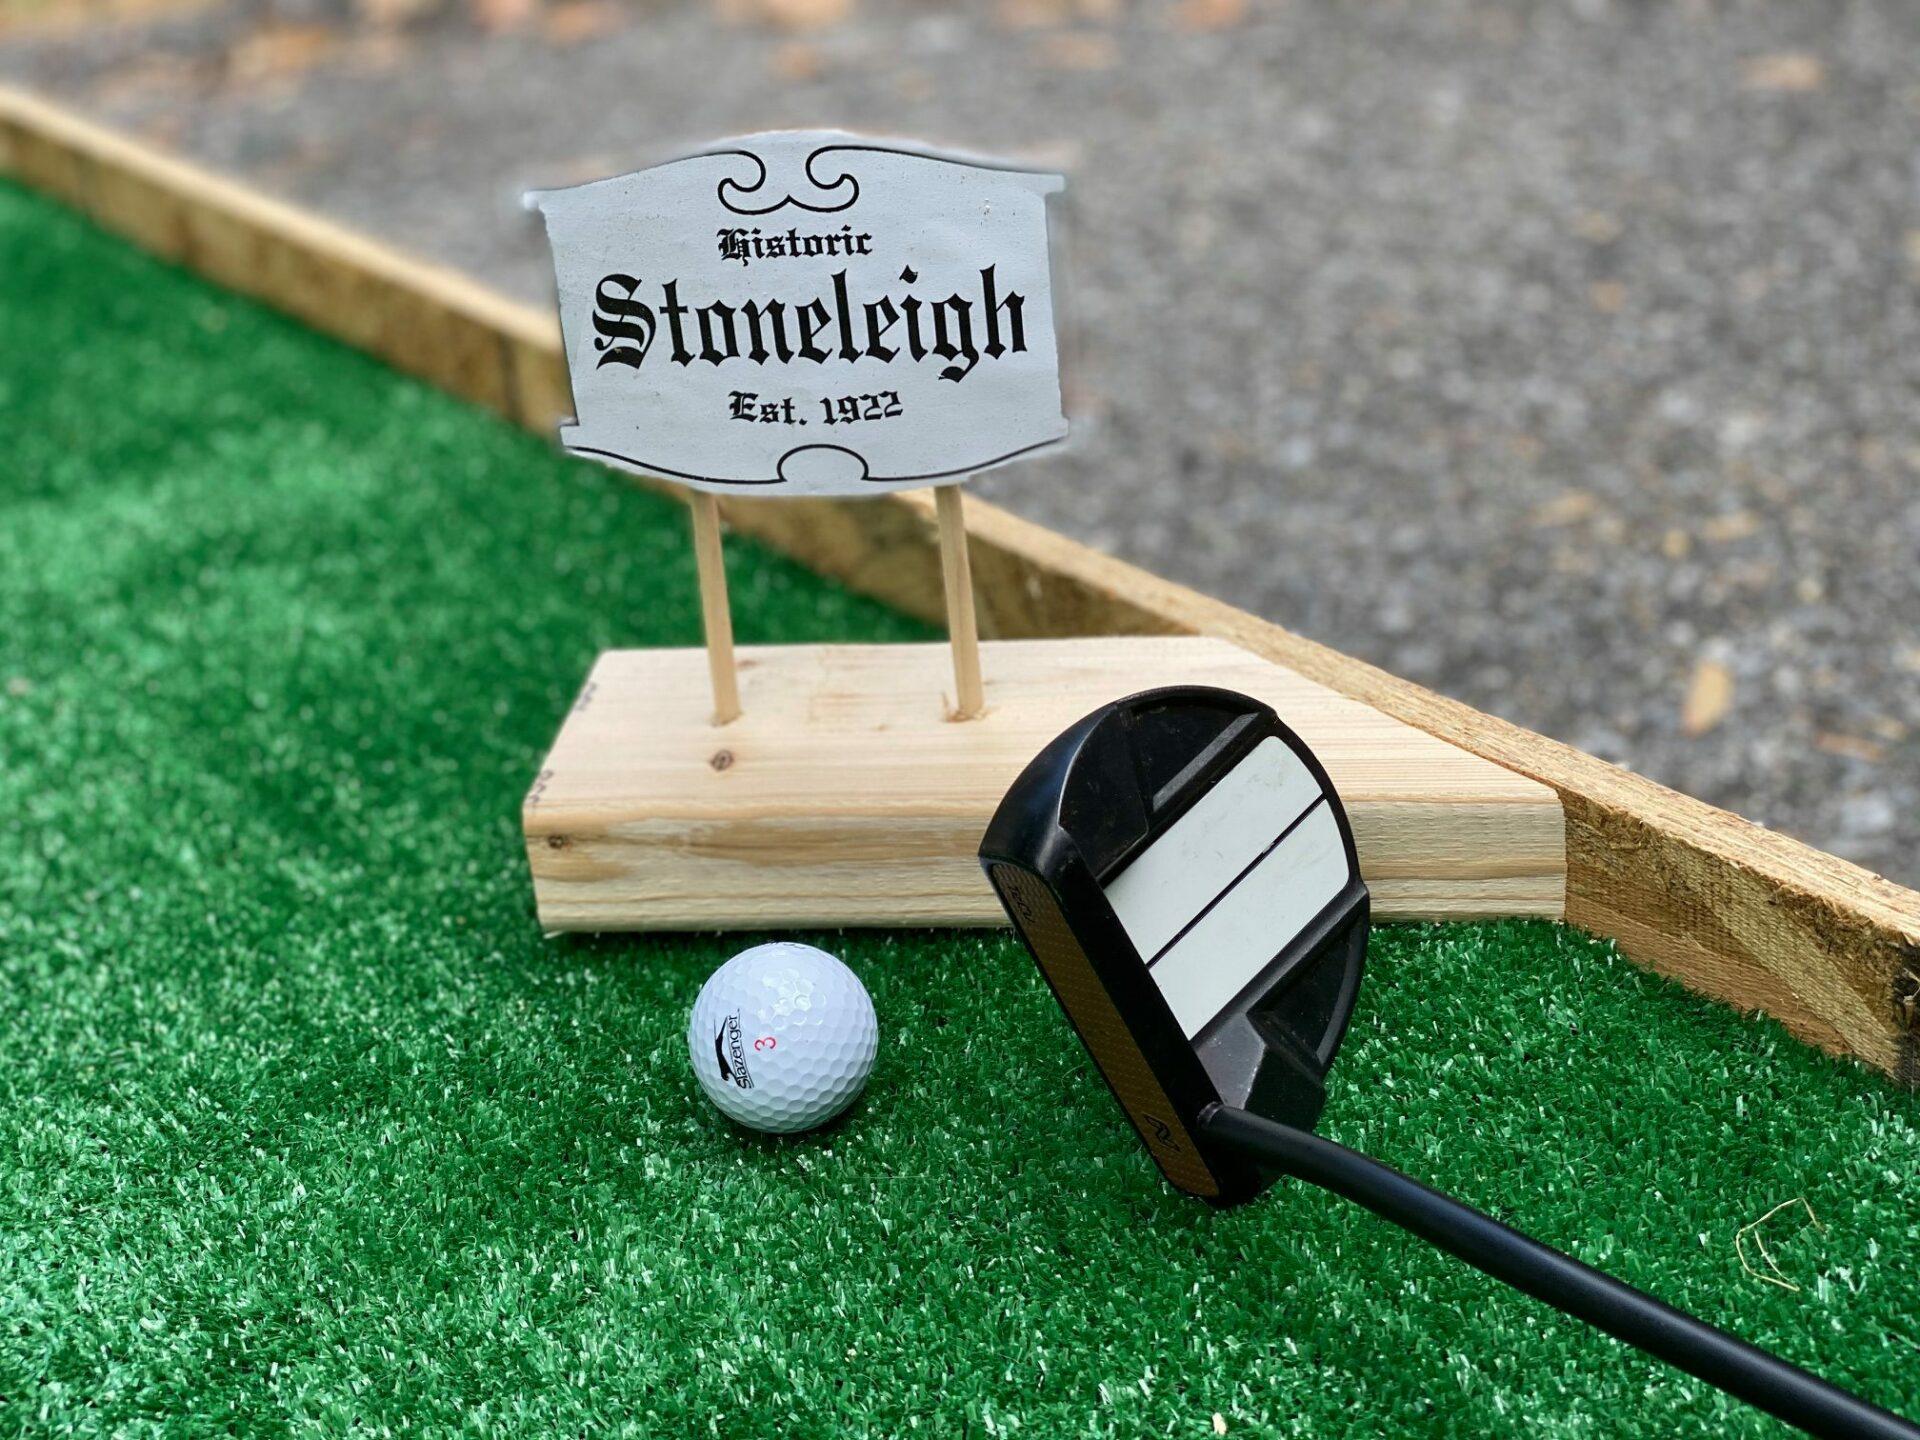 Stoneleigh Putt Putt